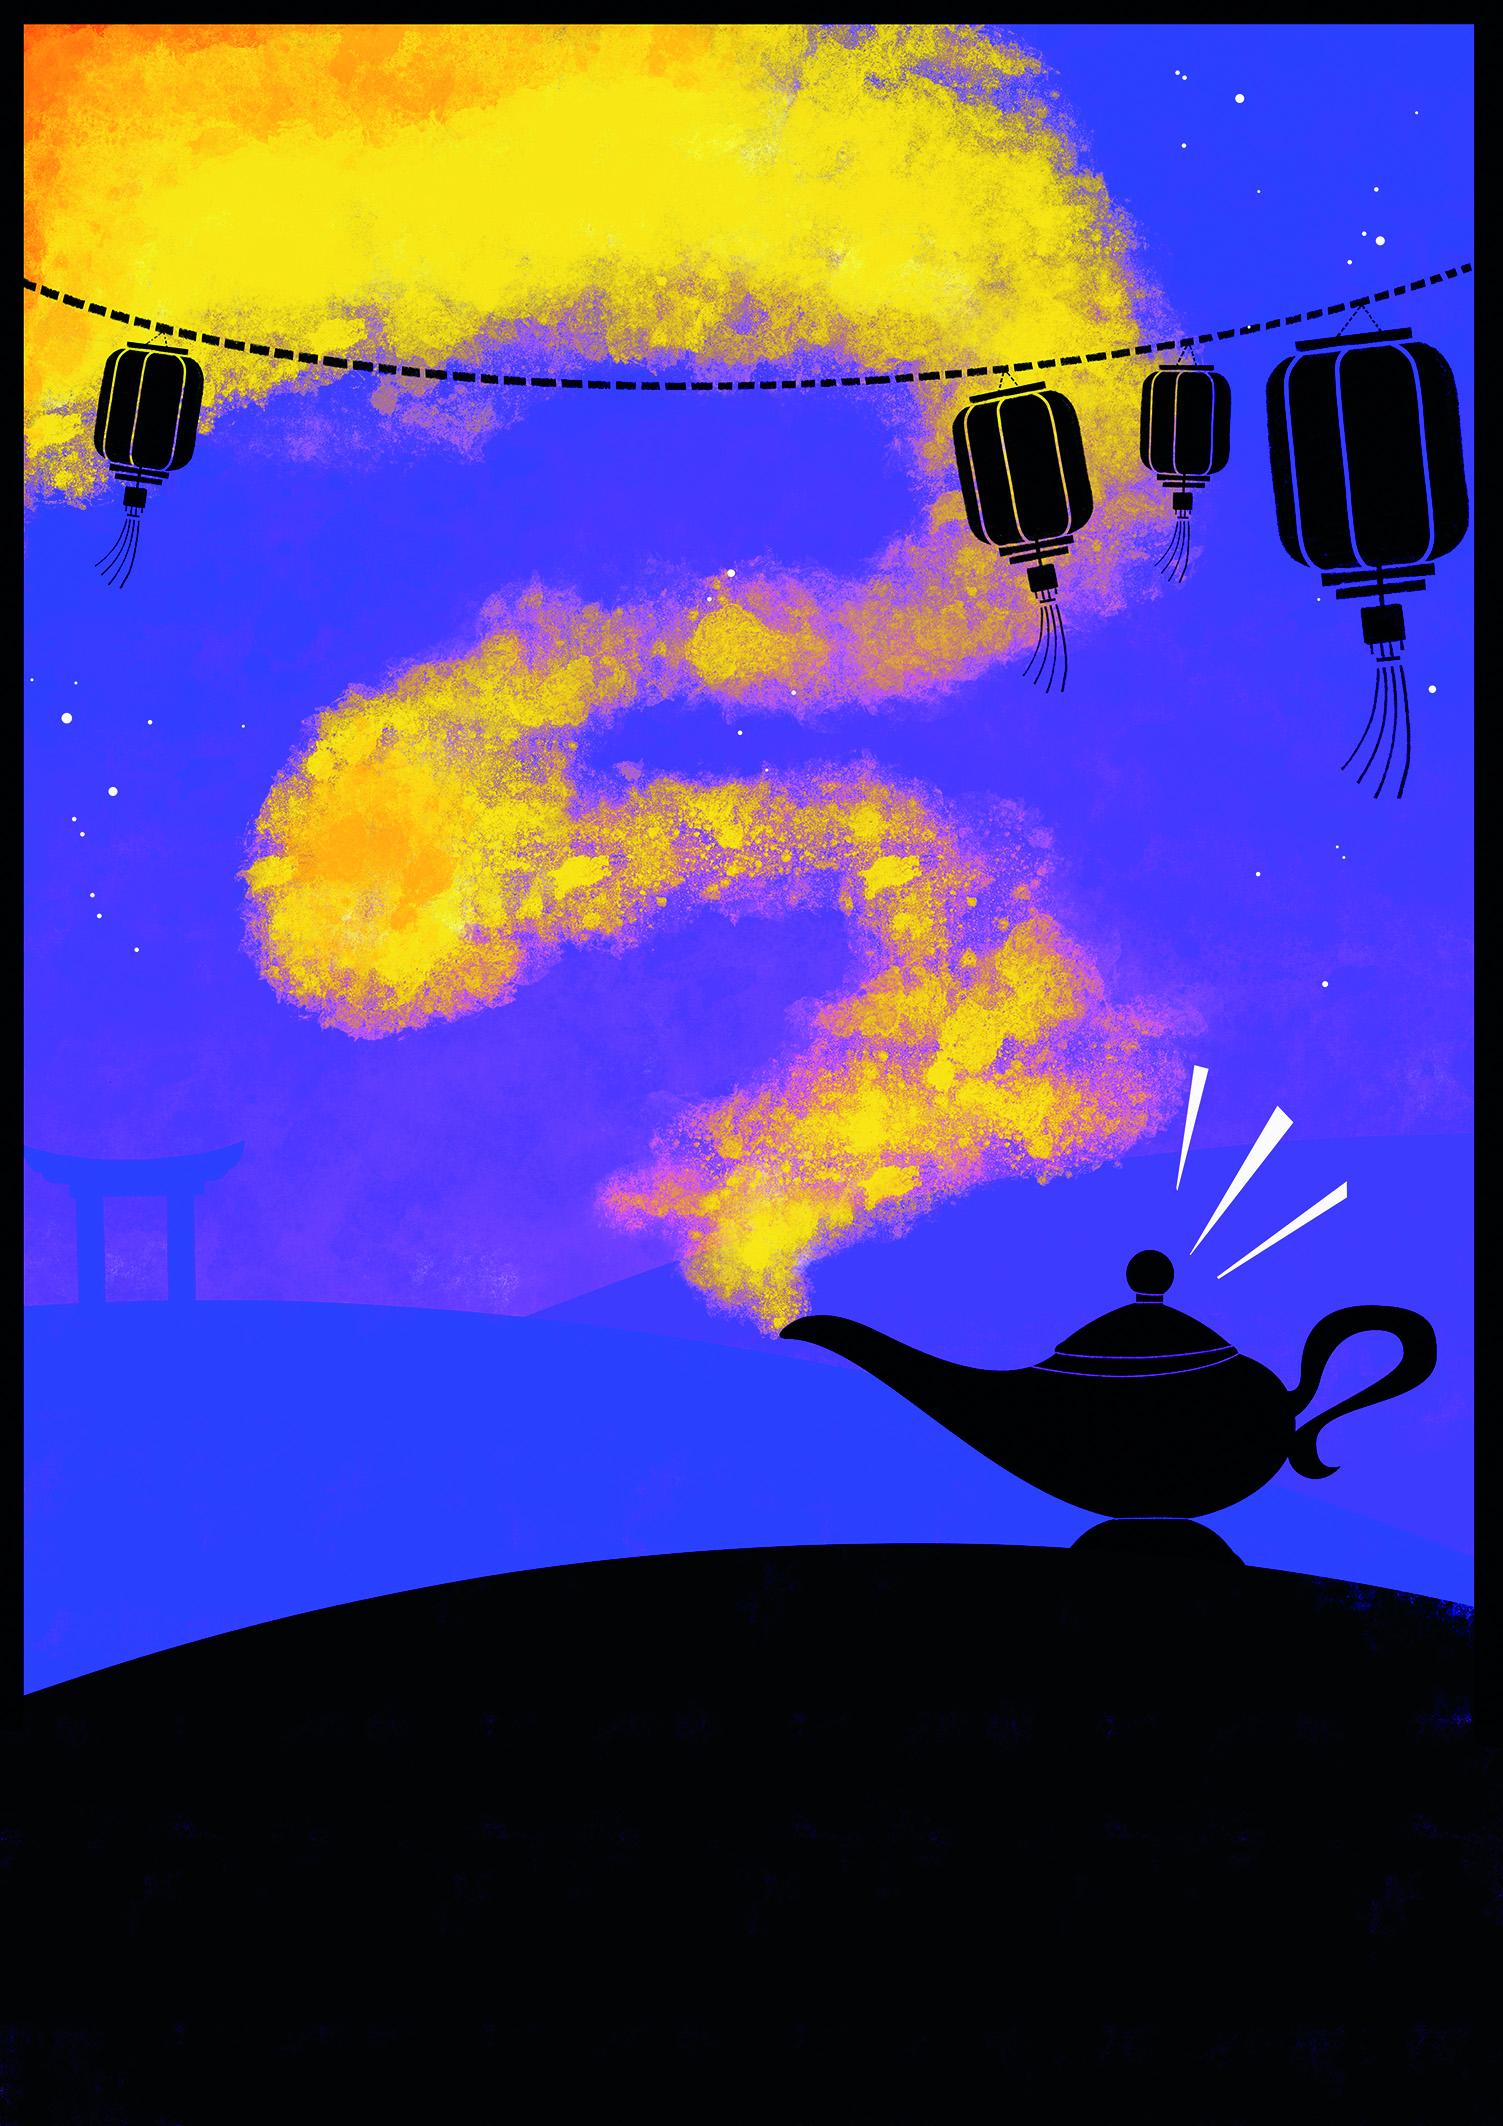 Aladdin_V4_sans text_no header.jpg